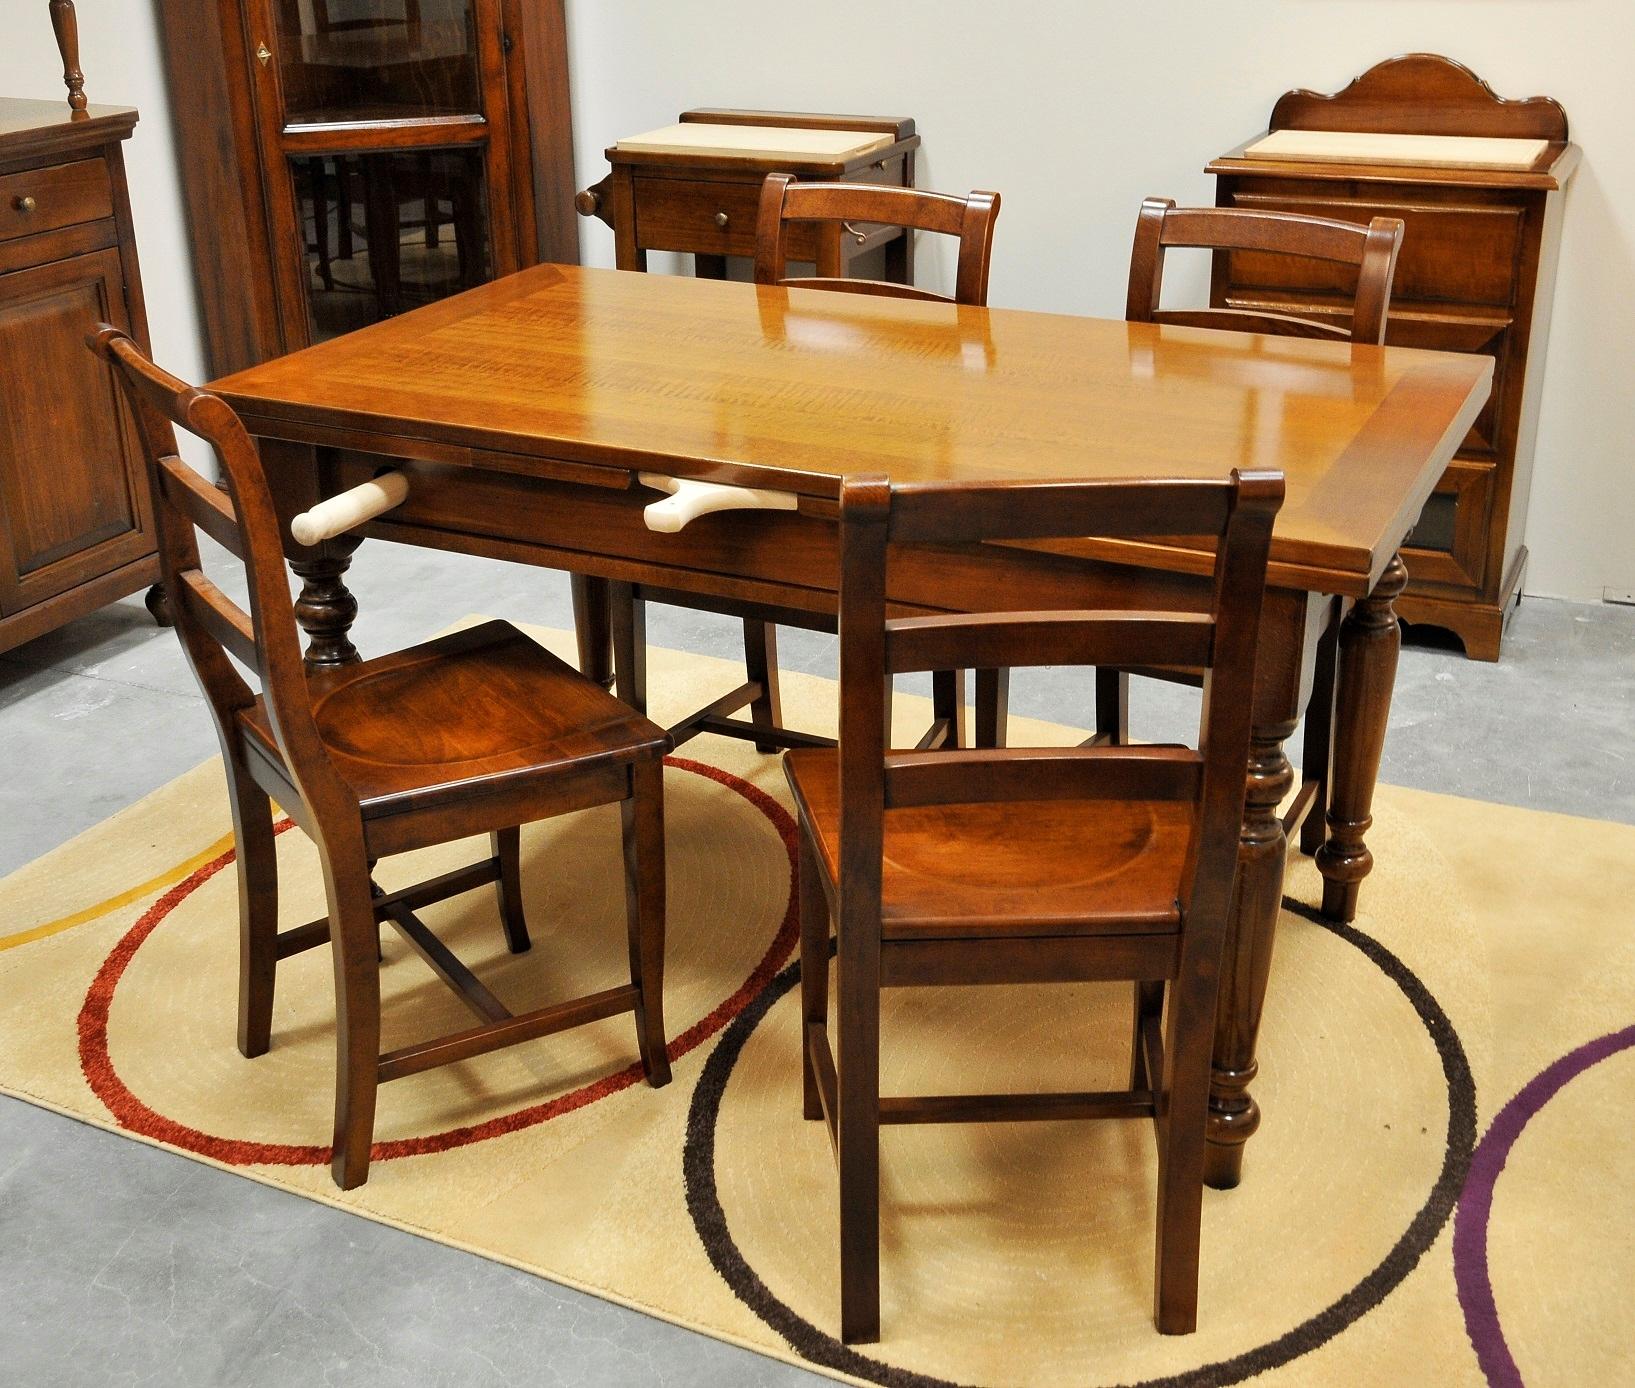 tavolo cucina allungabile : Tavolo rettangolare allungabile da cucina outlet - Tavoli a prezzi ...